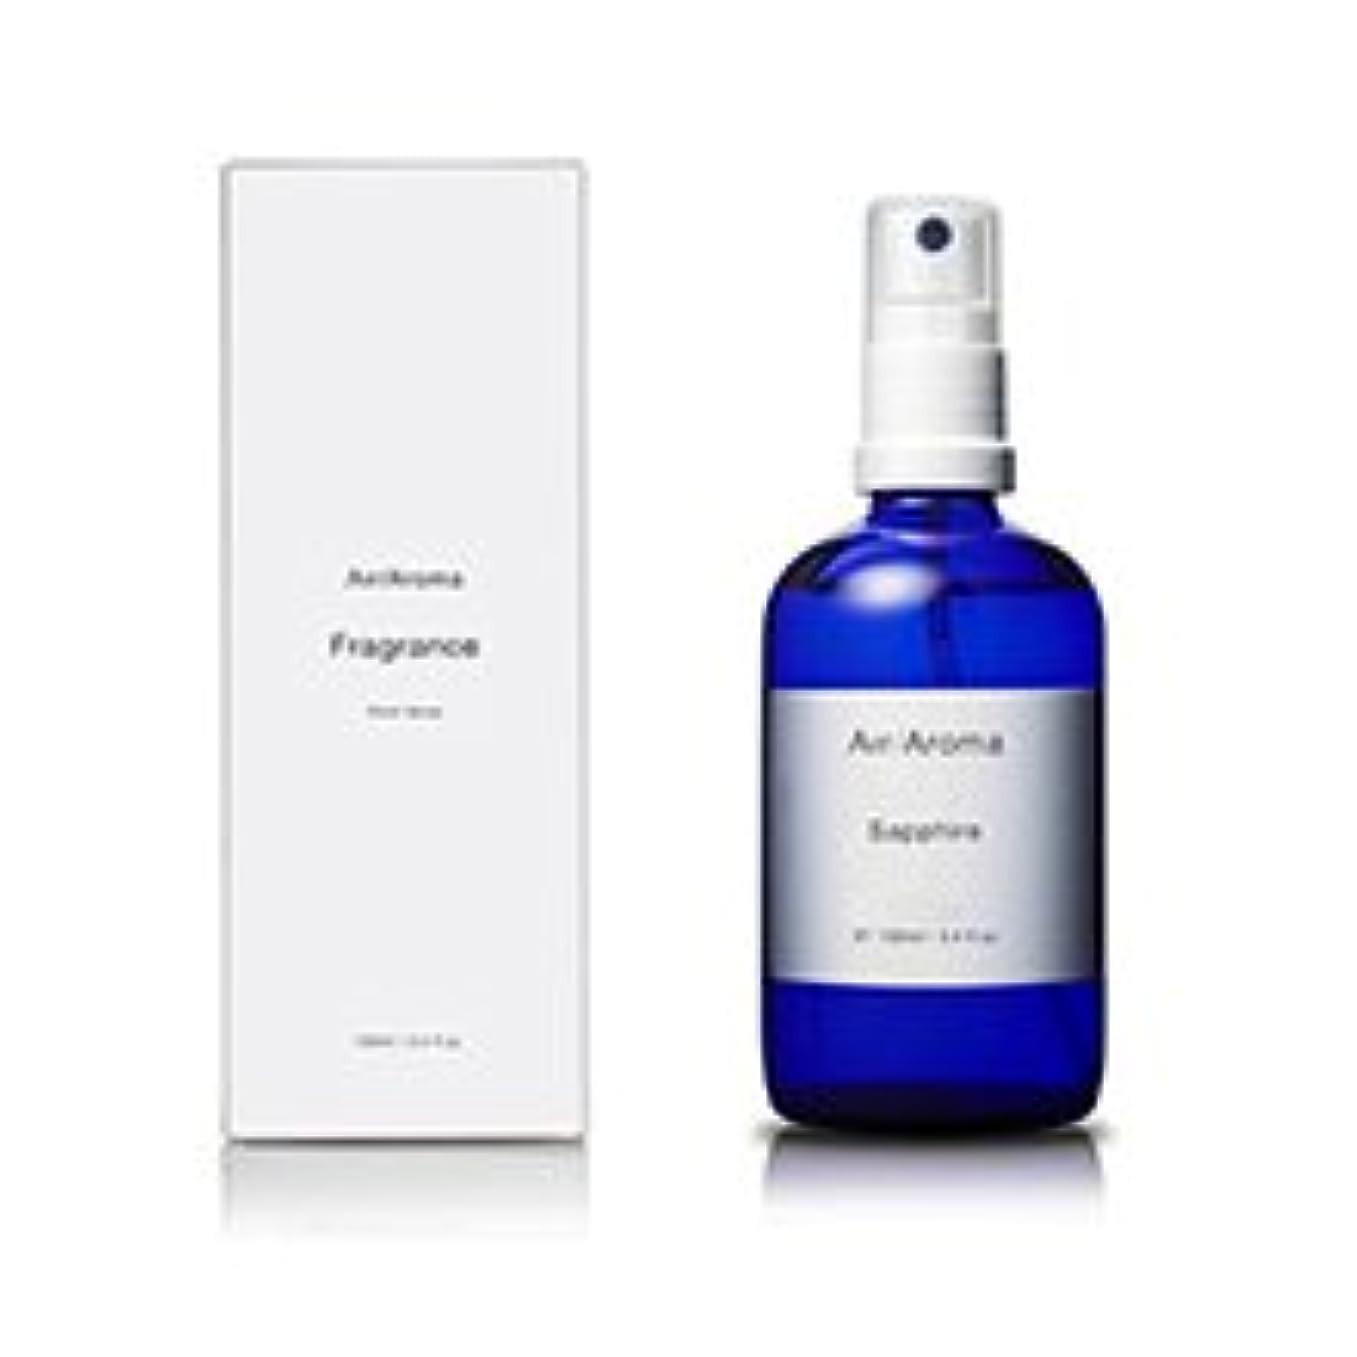 悪性寛容呼吸するエアアロマ sapphire room fragrance(サファイア ルームフレグランス) 100ml